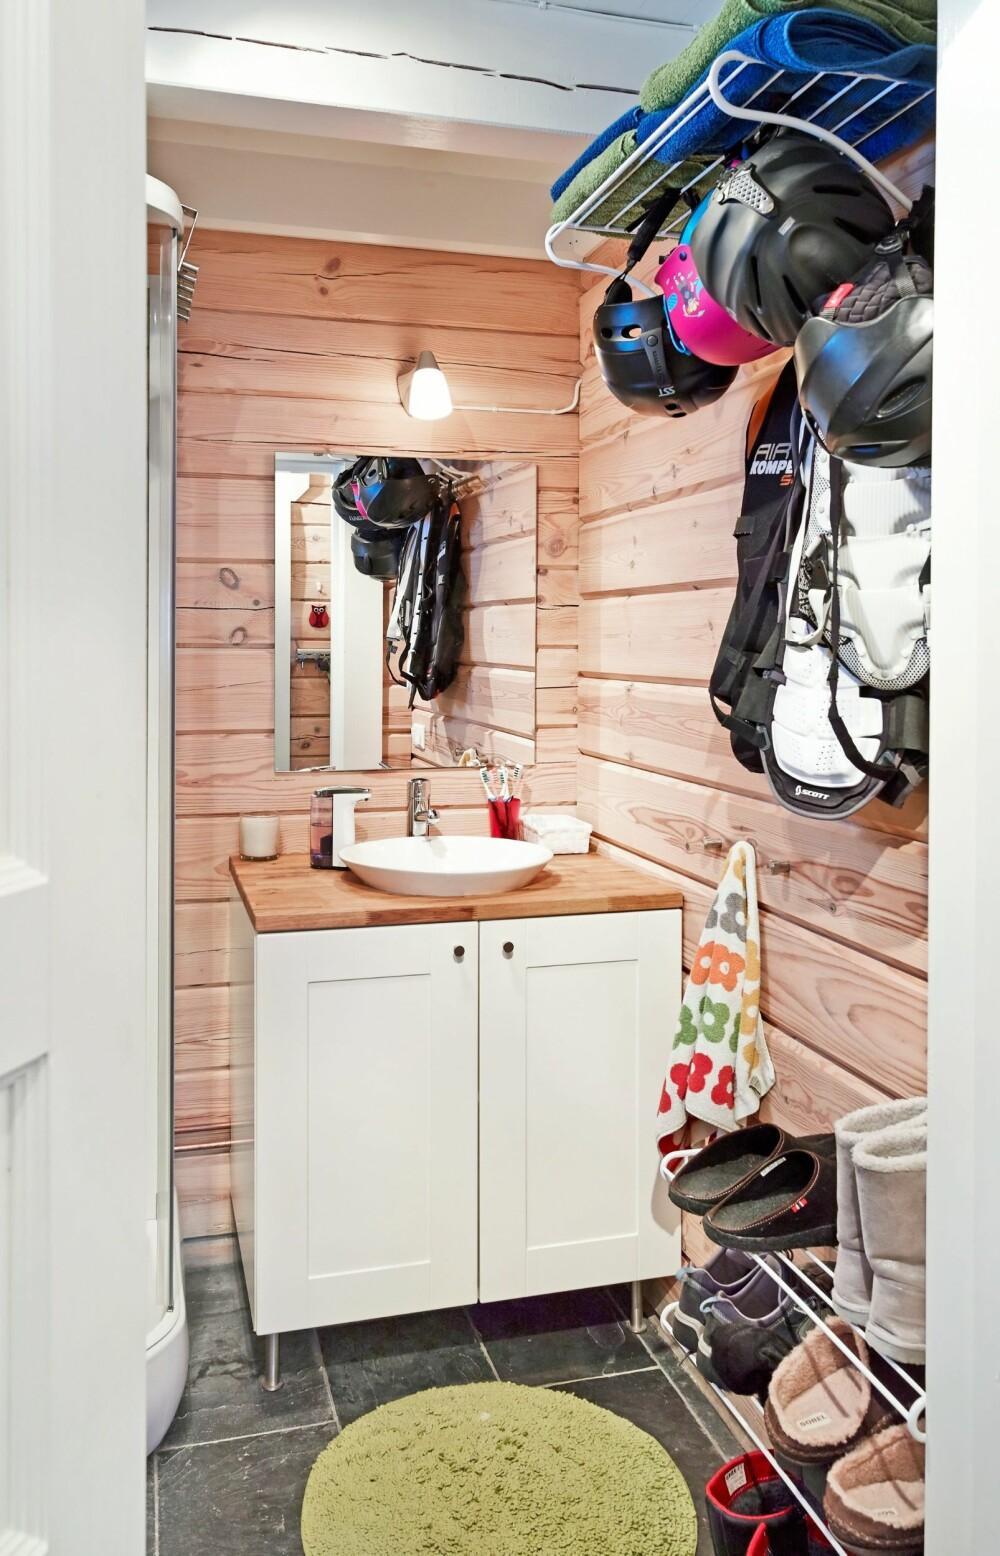 HA DET PÅ BADET: Det er tenkt på oppbevaringsløsninger i nesten hvert eneste rom. På badet henger familien opp hjelmer og skiutstyr etter endt skidag i bakken. FOTO: Sveinung Bråthen